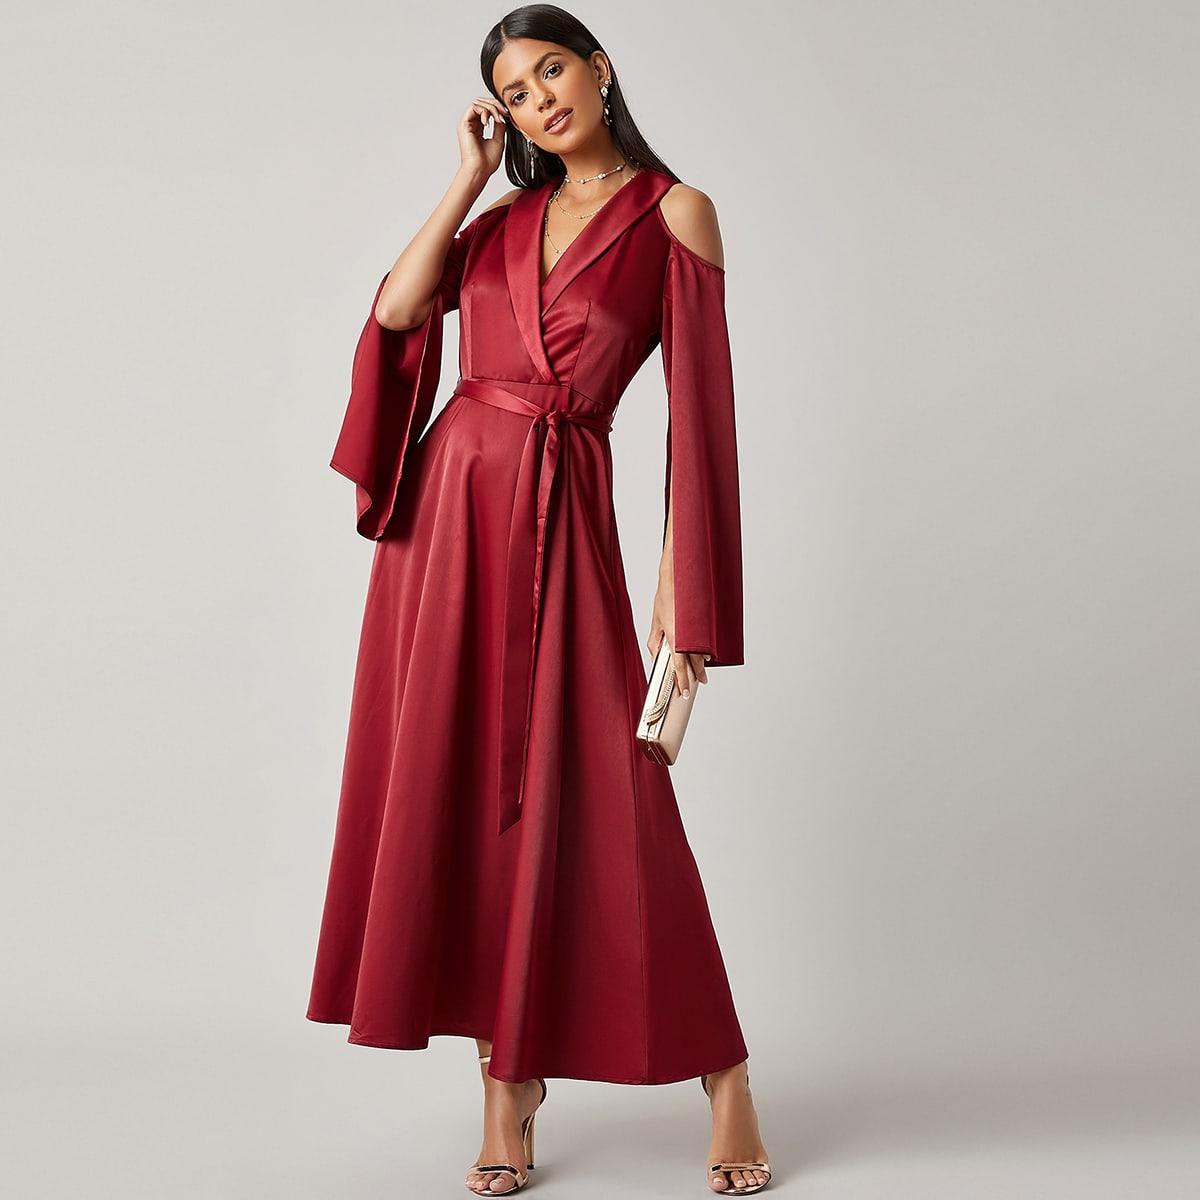 SHEIN / Satin schulterfreies Kleid mit Schalkragen, Schlitz an Ärmeln und Gürtel